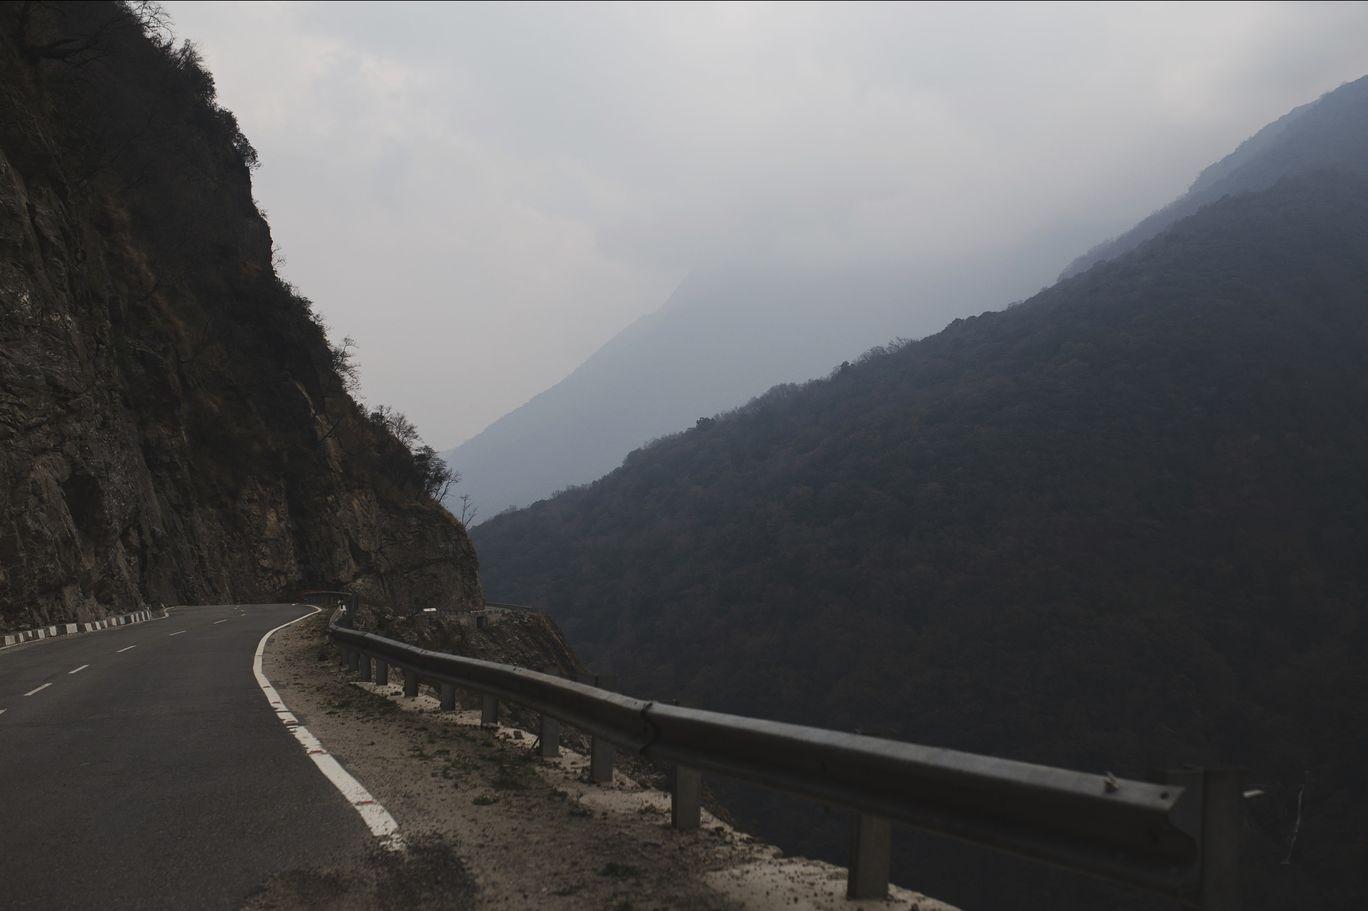 Photo of Bhutan By Sanjay Makhijani